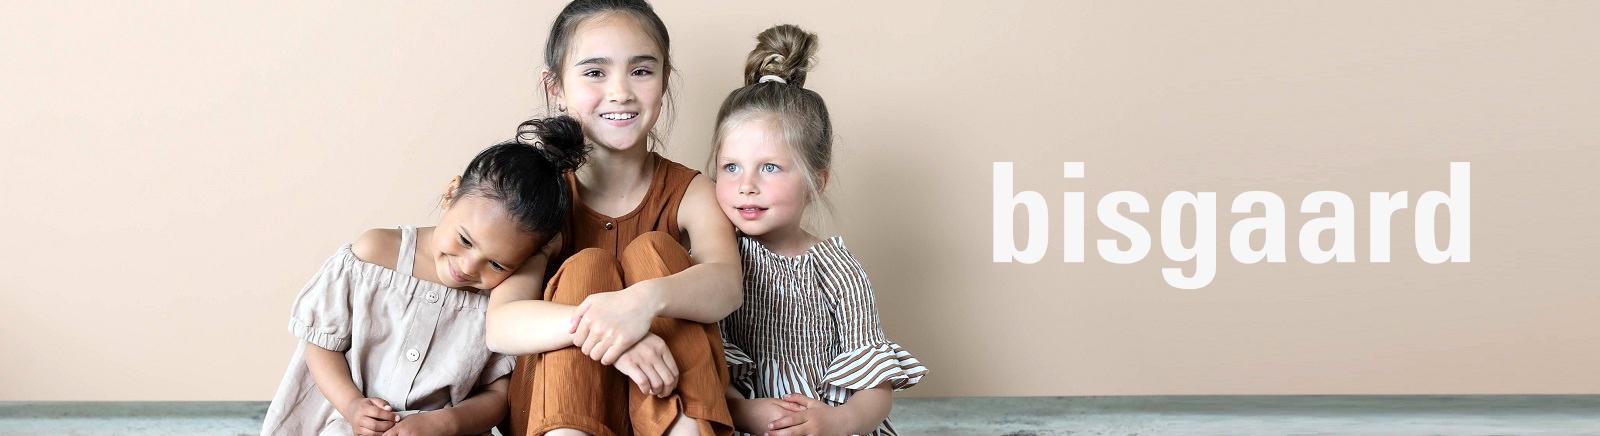 Gisy: Bisgaard Kinderschuhe online shoppen